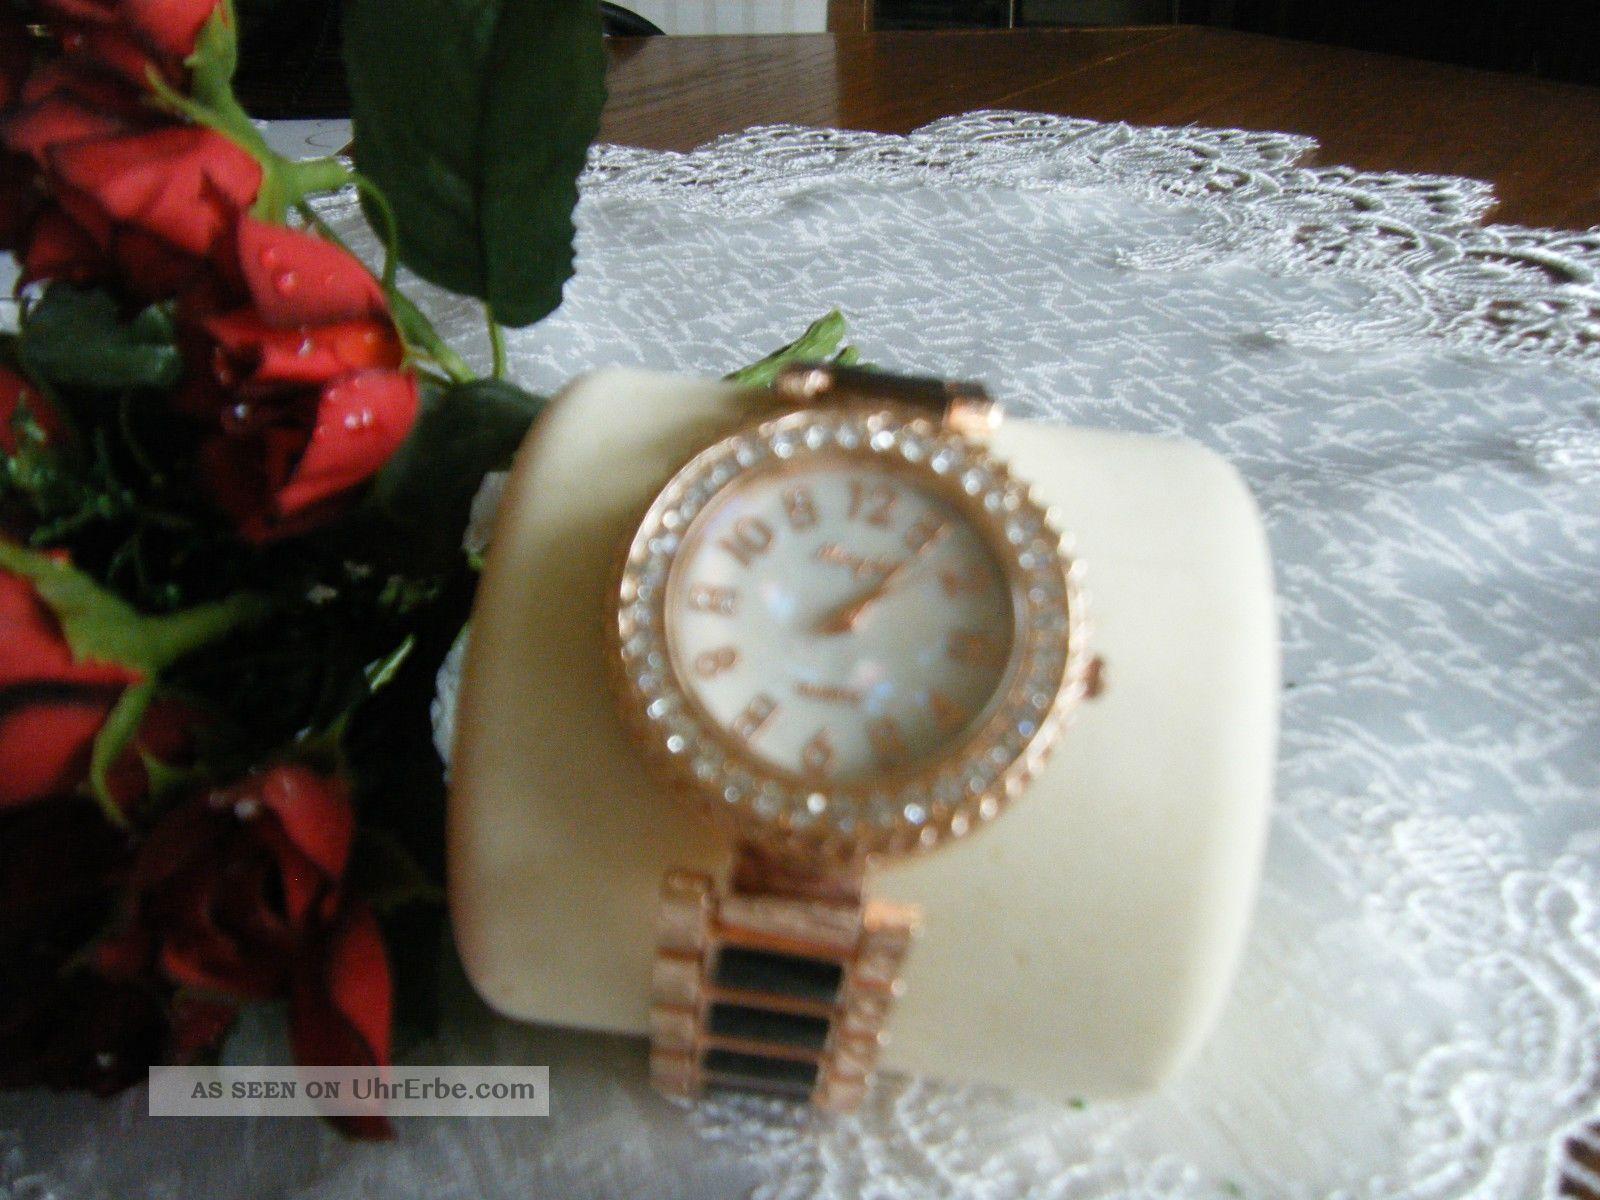 wundersch ne armbanduhr weihnachtsgeschenk weihnachten rose. Black Bedroom Furniture Sets. Home Design Ideas